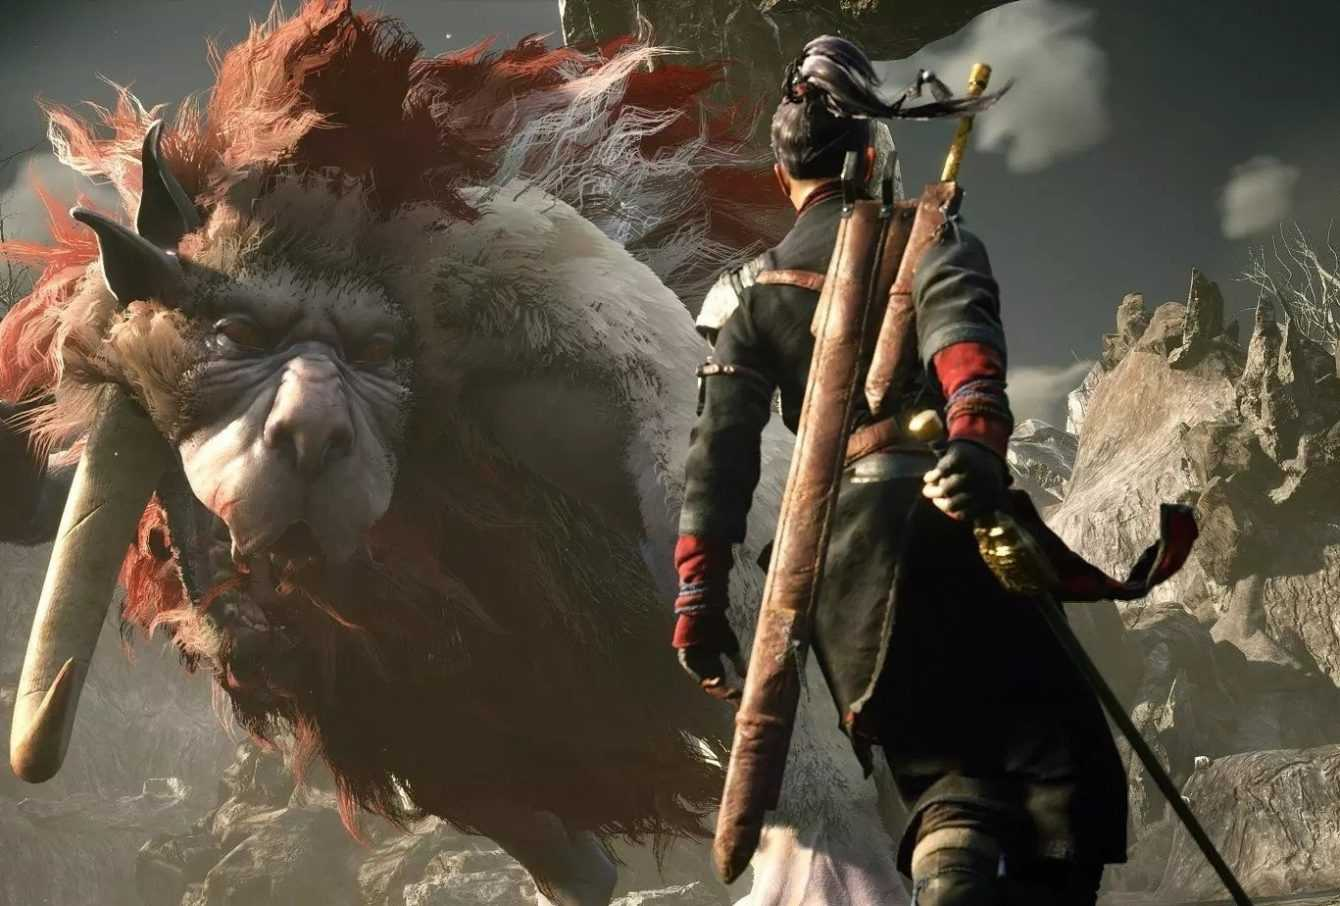 Recensione Xuan Yuan Sword 7: un fantasy cinese che non stupisce